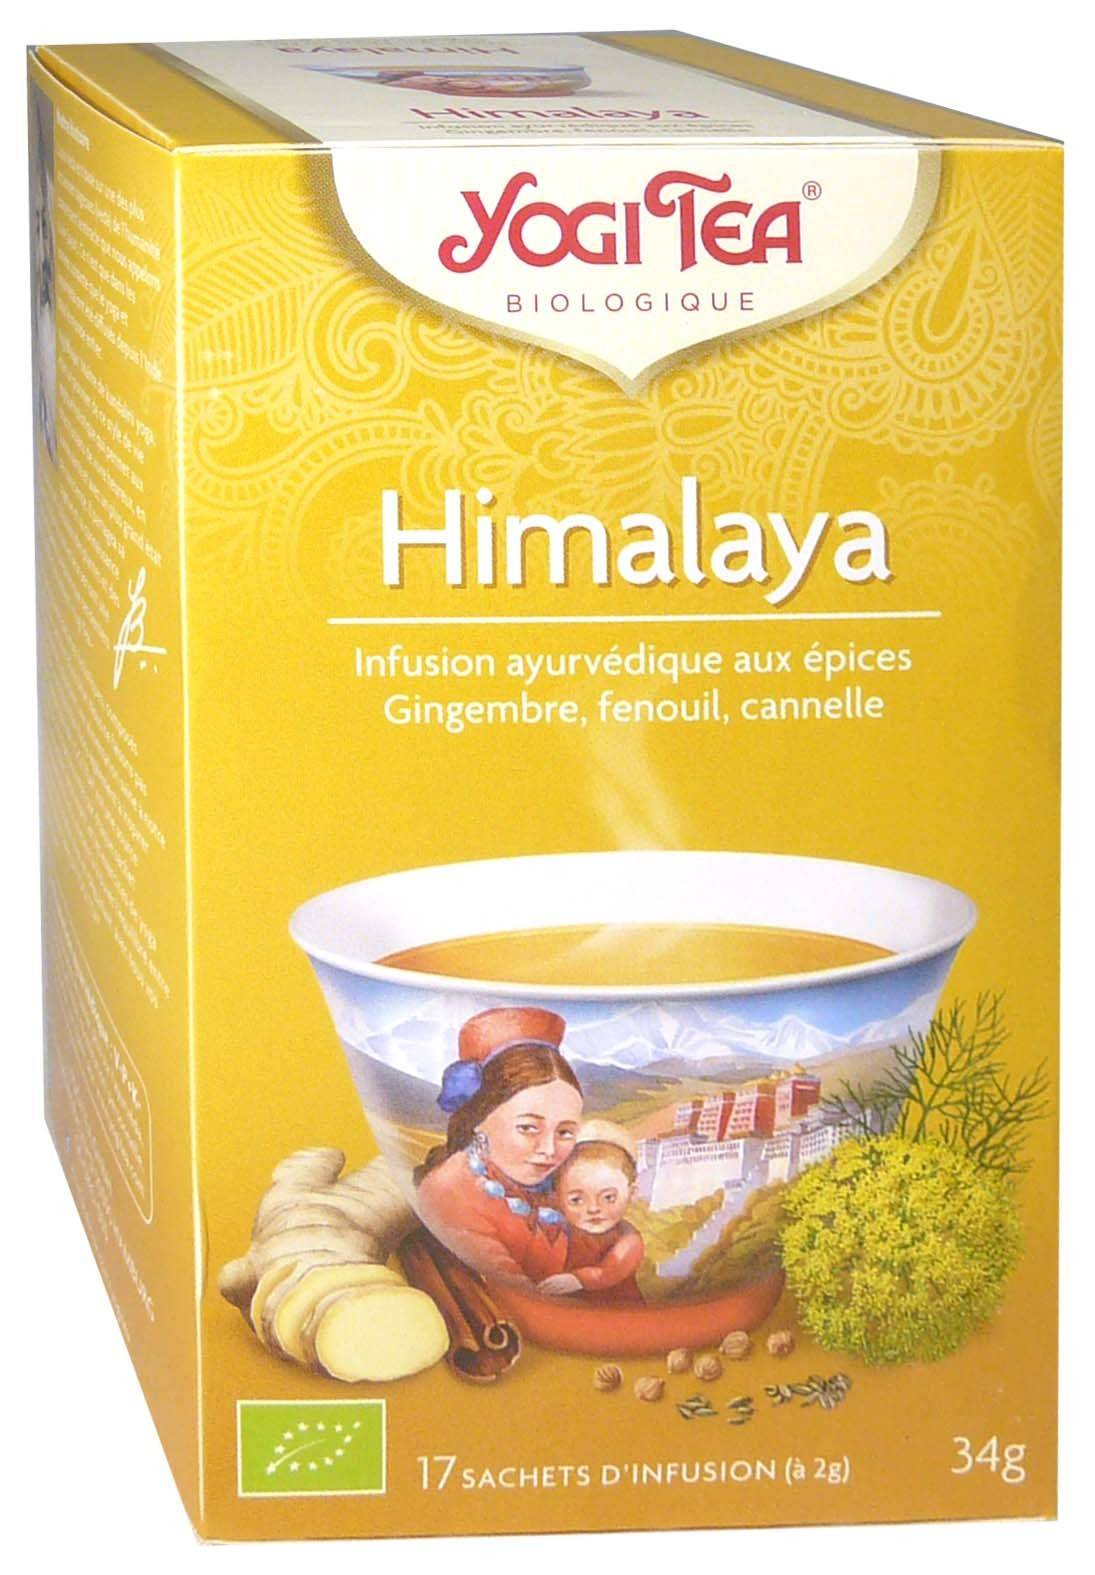 Yogi tea infusion himalaya x17 sachets